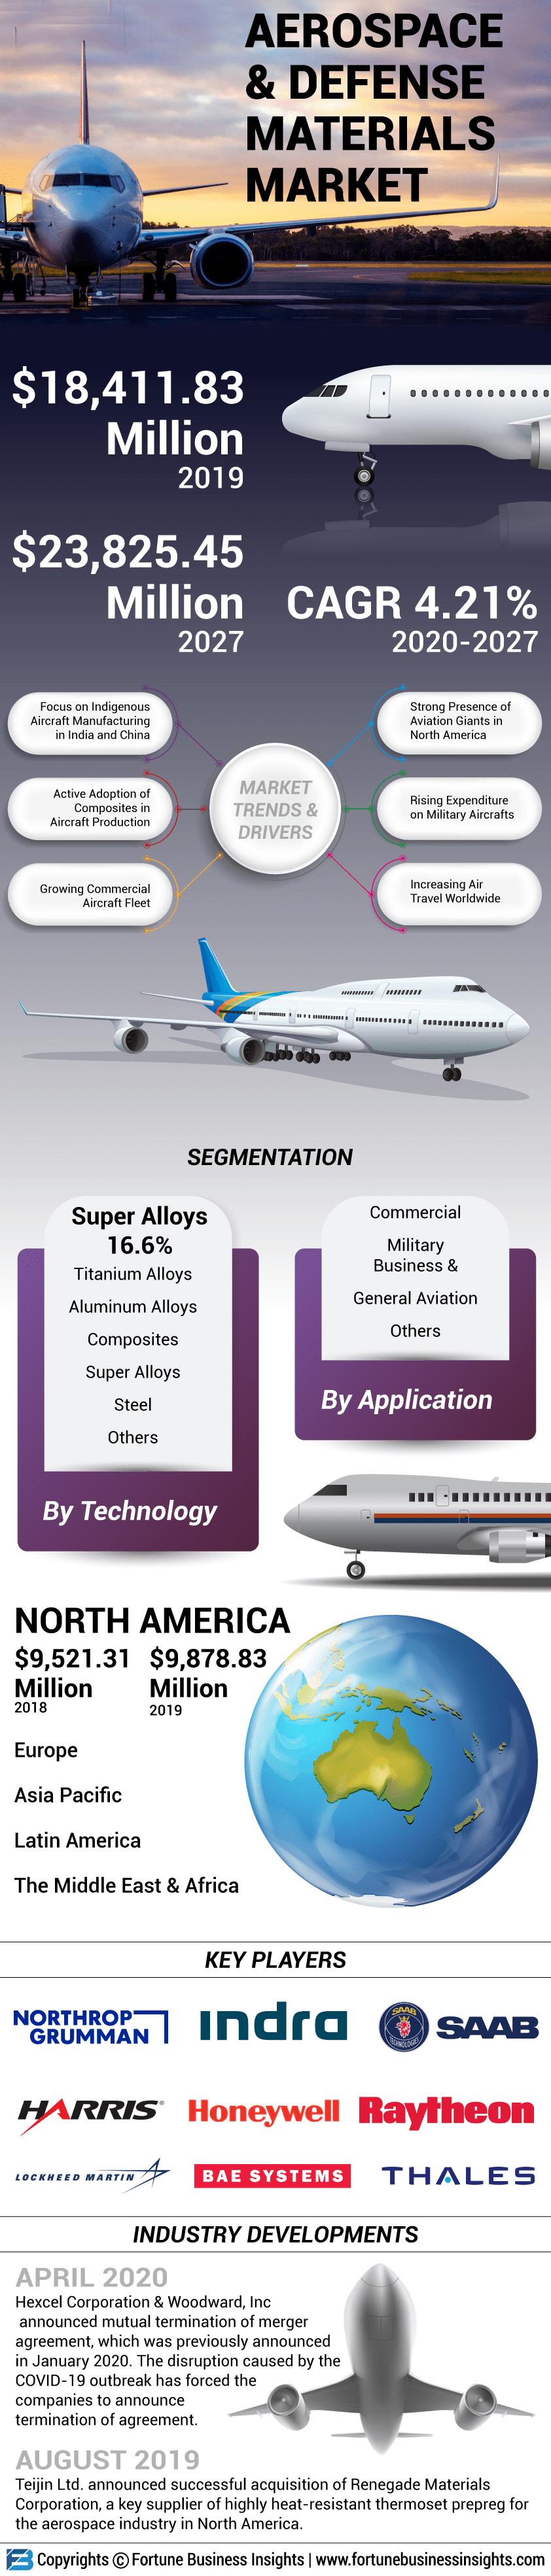 Aerospace & Defense Materials Market